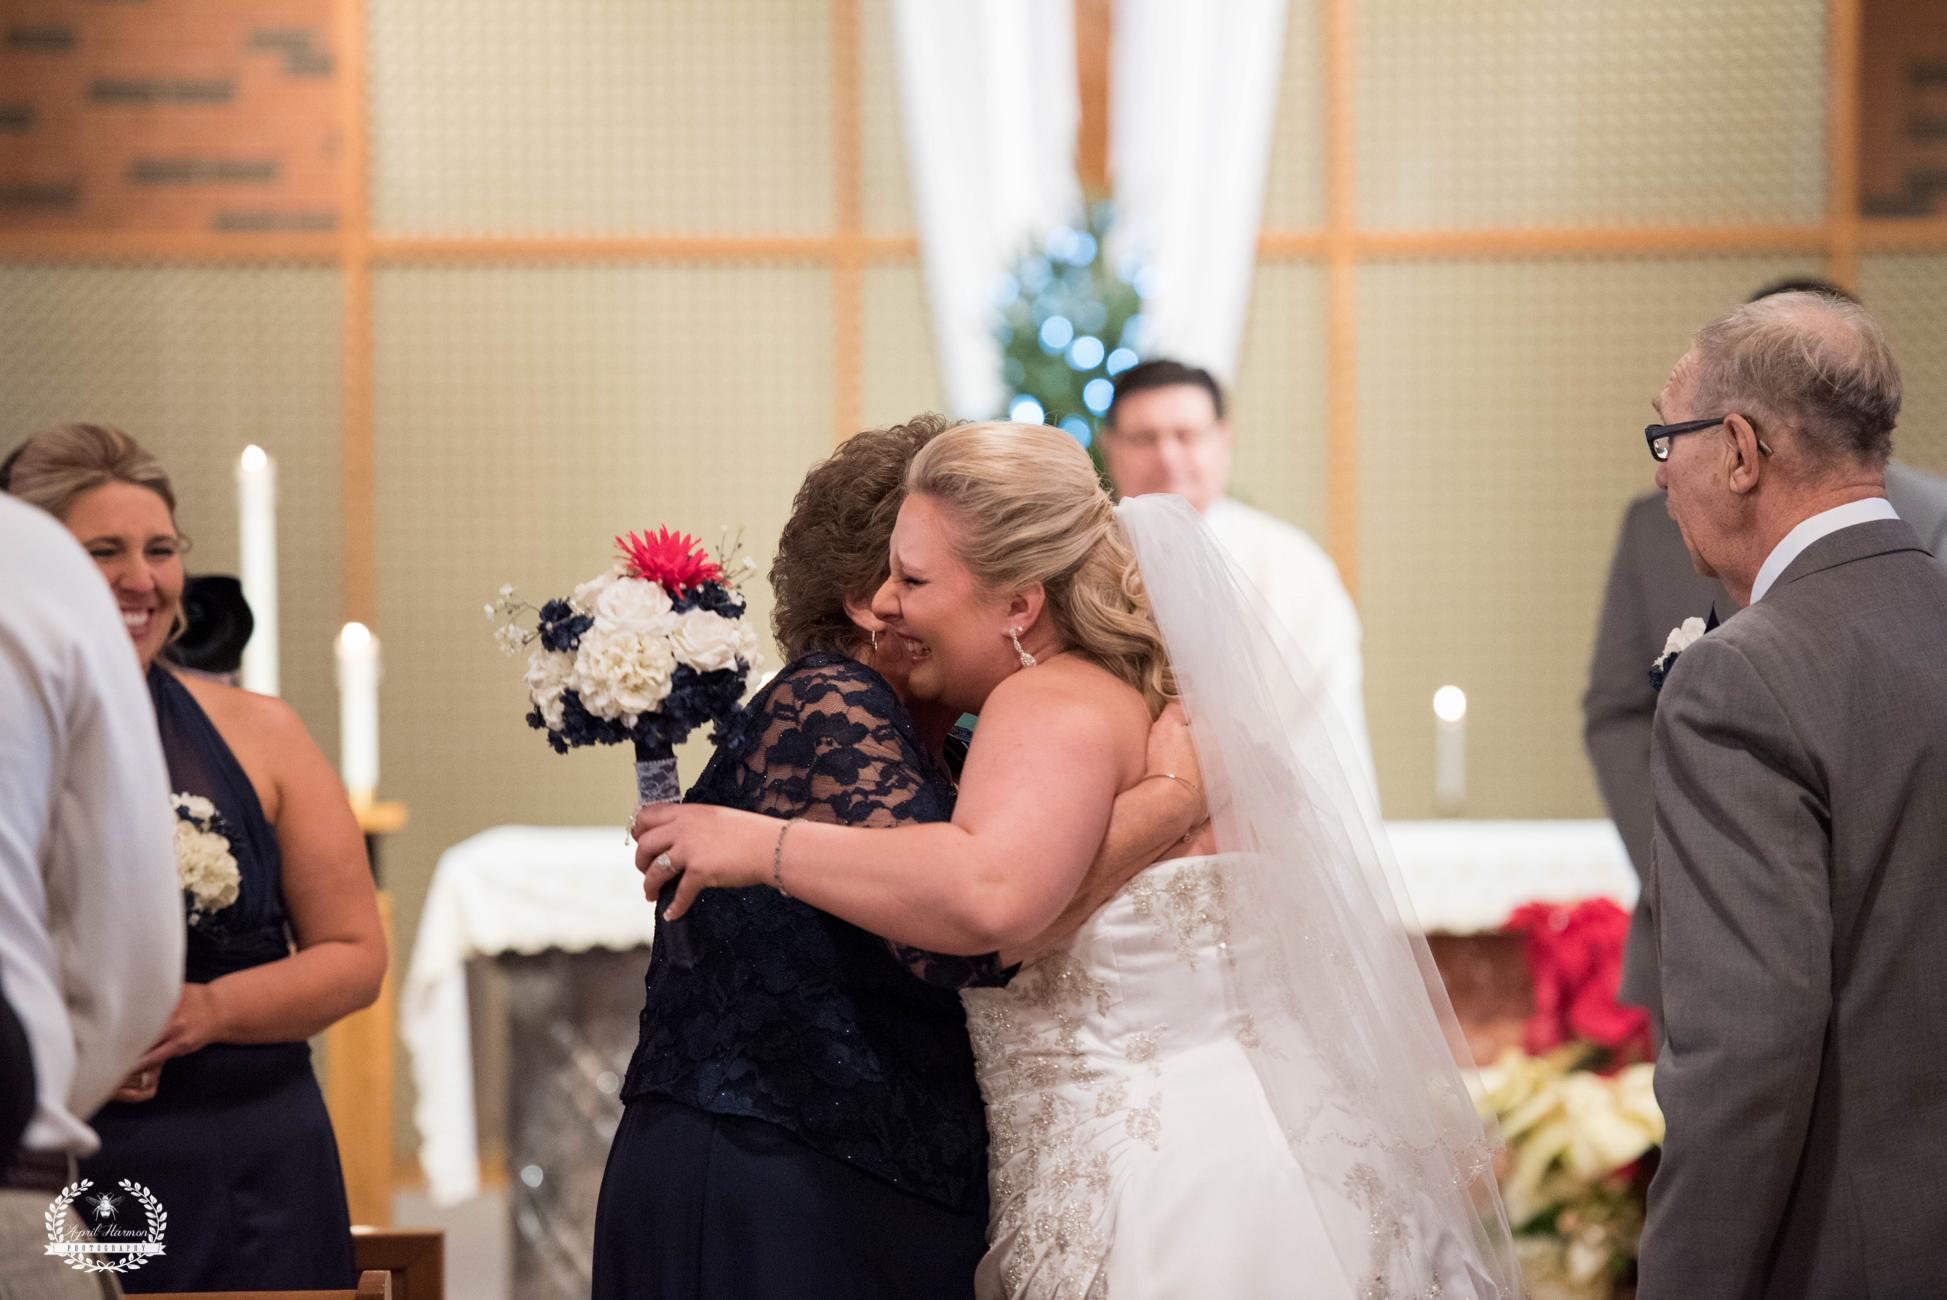 southwest-kansas-wedding-photography9.jpg